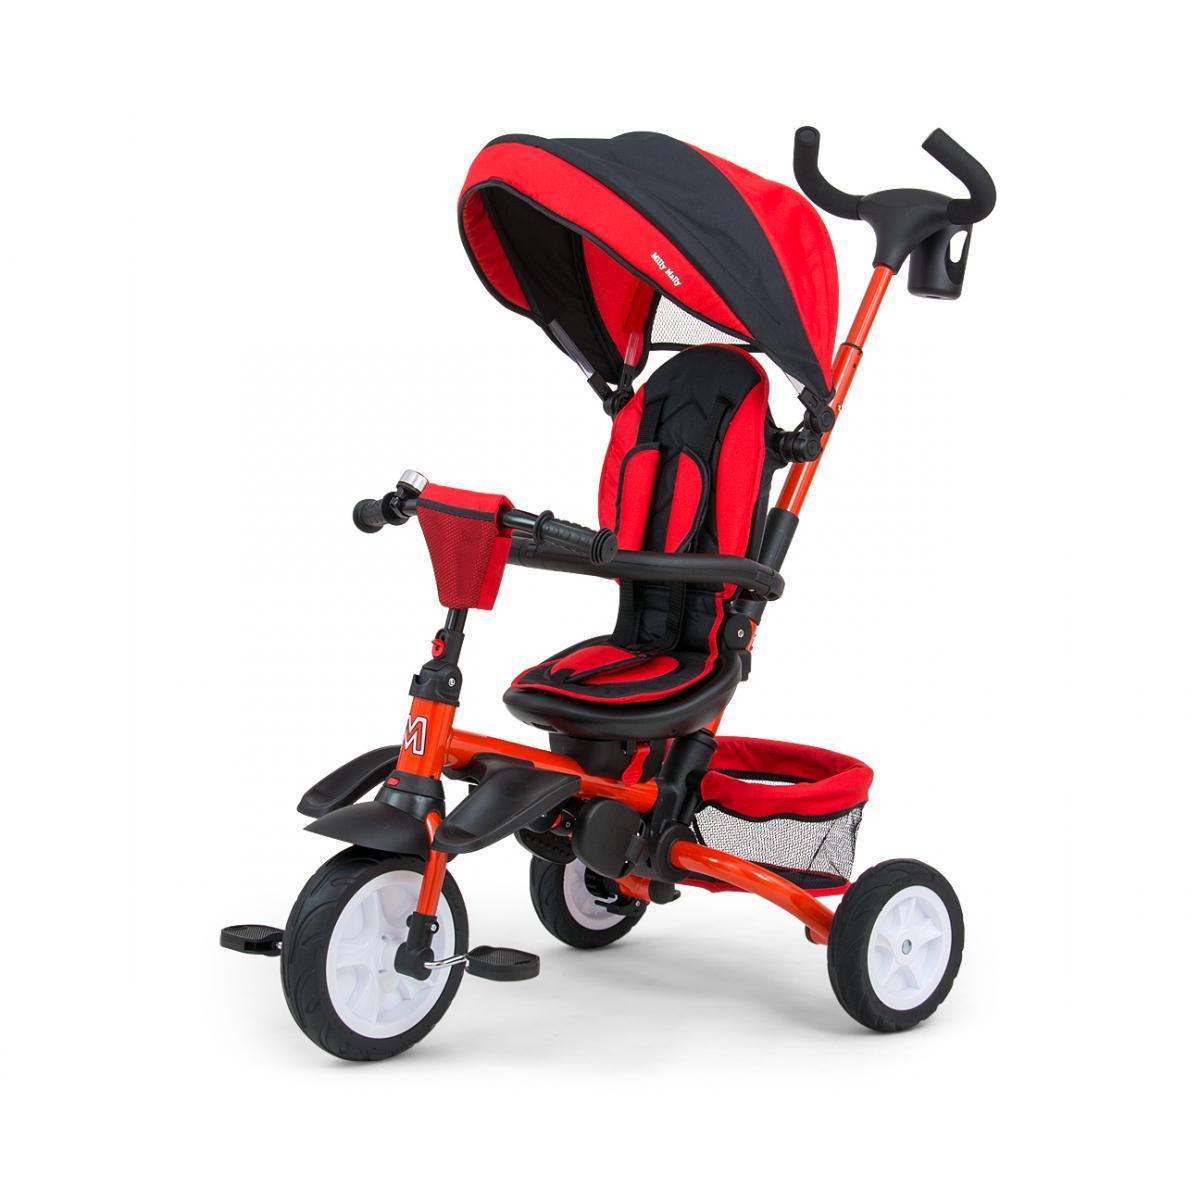 Hucoco STANLEY   Tricycle évolutif bébé/enfant   Âge : 1-5 ans   Siège pivotant 360°   Harnais de sécurité   Charge max 25 kg -